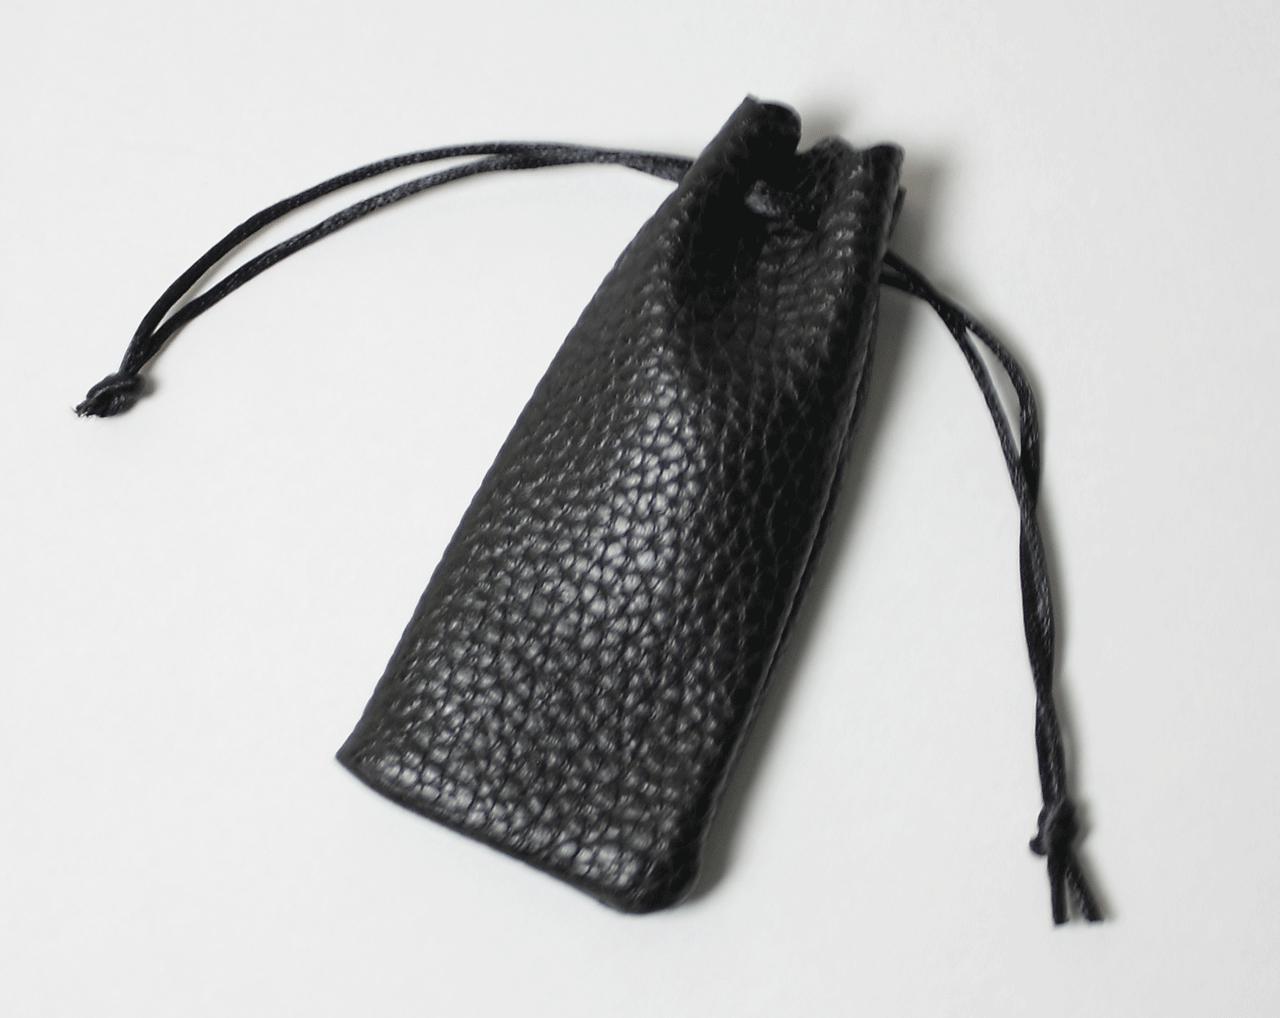 個人認印 オランダ水牛(寸胴) 12.0mm